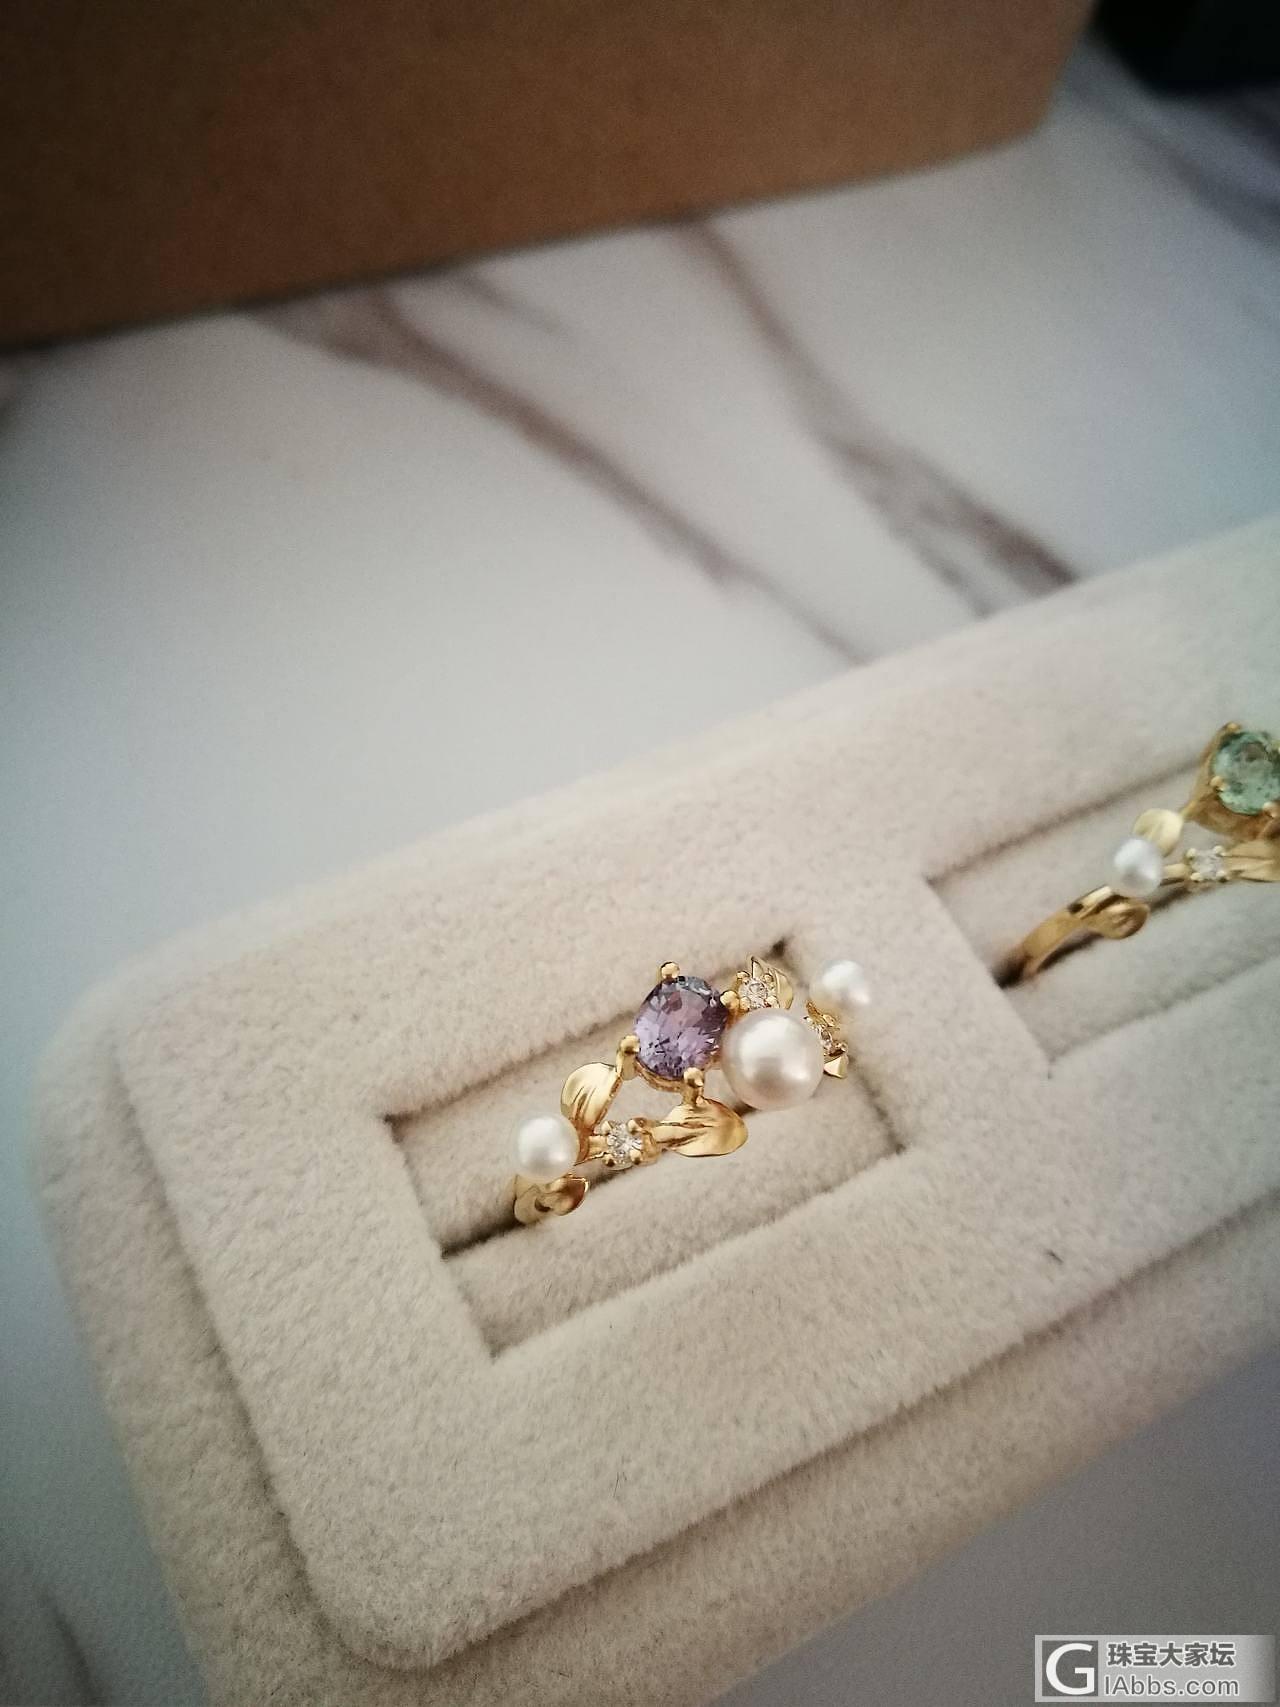 蒂芙尼全新碧海系列珠宝 令人怦然心动..._钻石